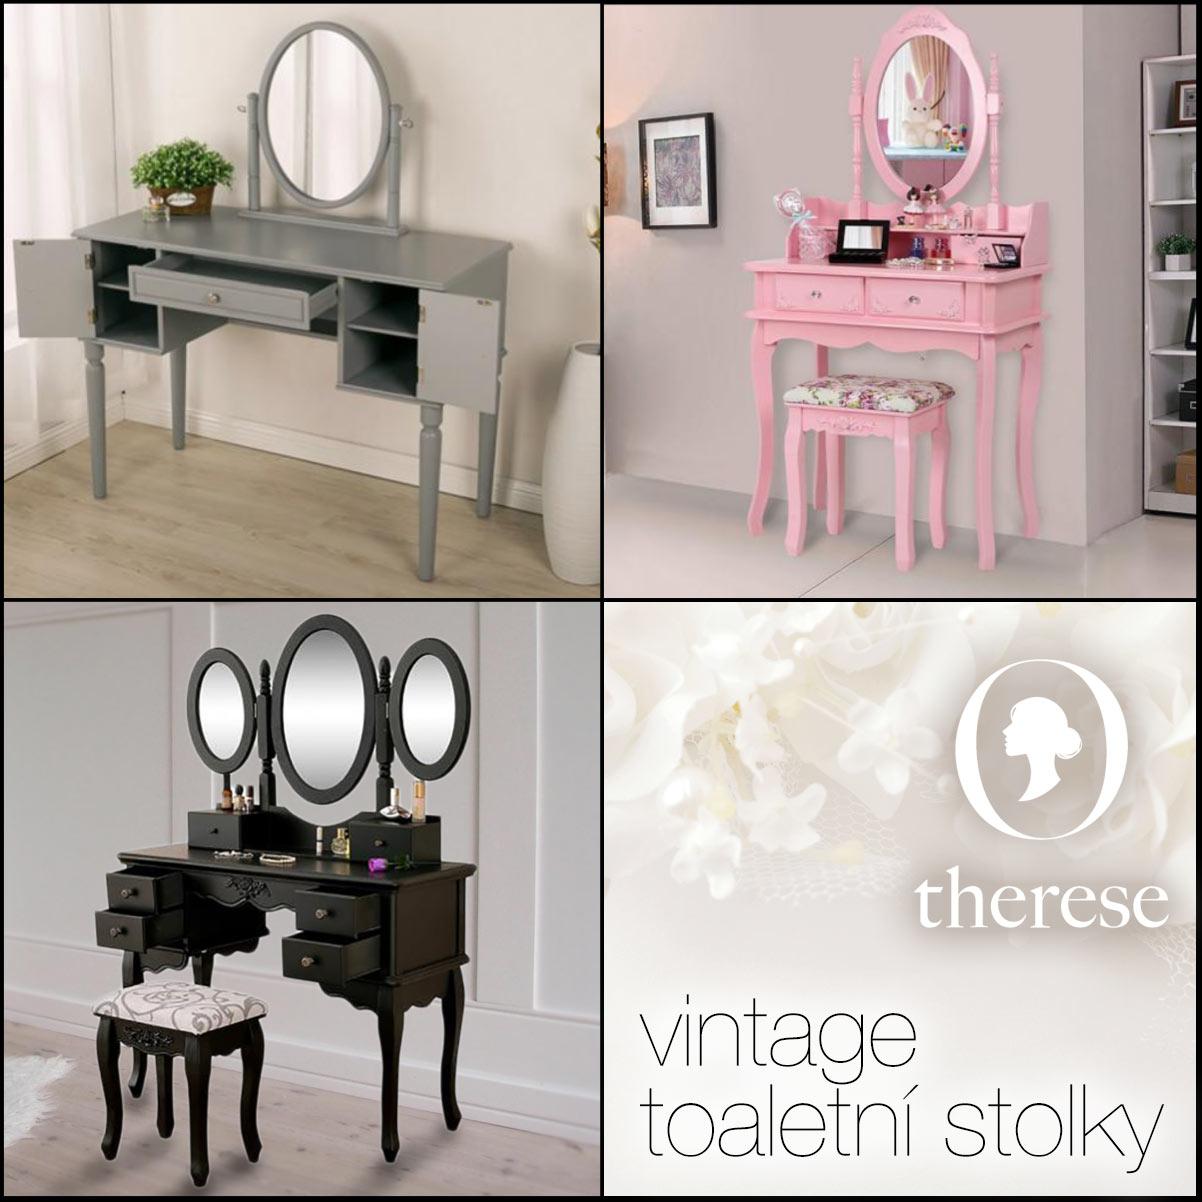 Chcete si dopřát trochu romantiky, ev. toaletní stolek zapasovat do historického interiéru? Řada modelů toaletek je právě v tomto stylu. V růžové barvě dokáže oživit i pokoj vaší malé princezny jako dětský toaletní stolek. Všechny tyto kousky nábytku koupíte v e-shopu Therese.cz.